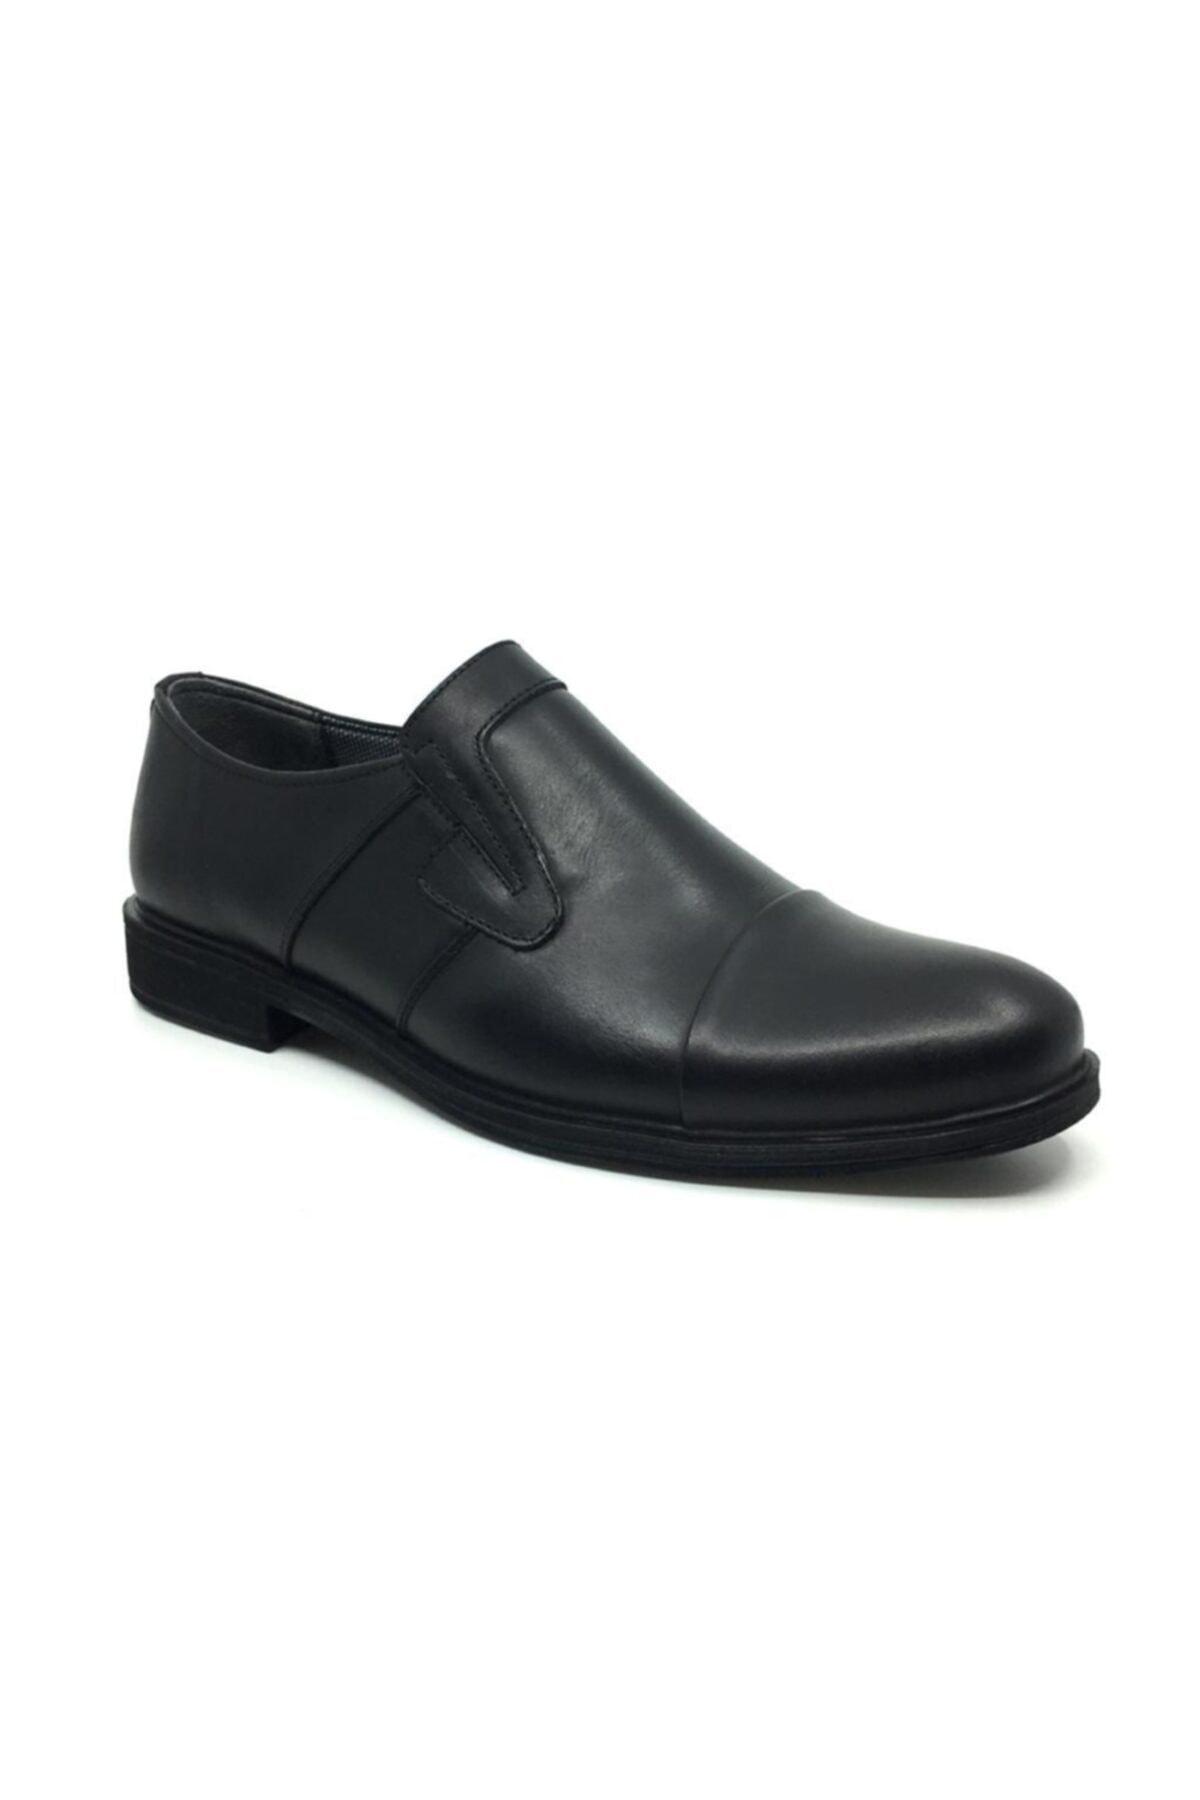 Taşpınar Erkek Siyah Deri  Klasik Ayakkabı 1